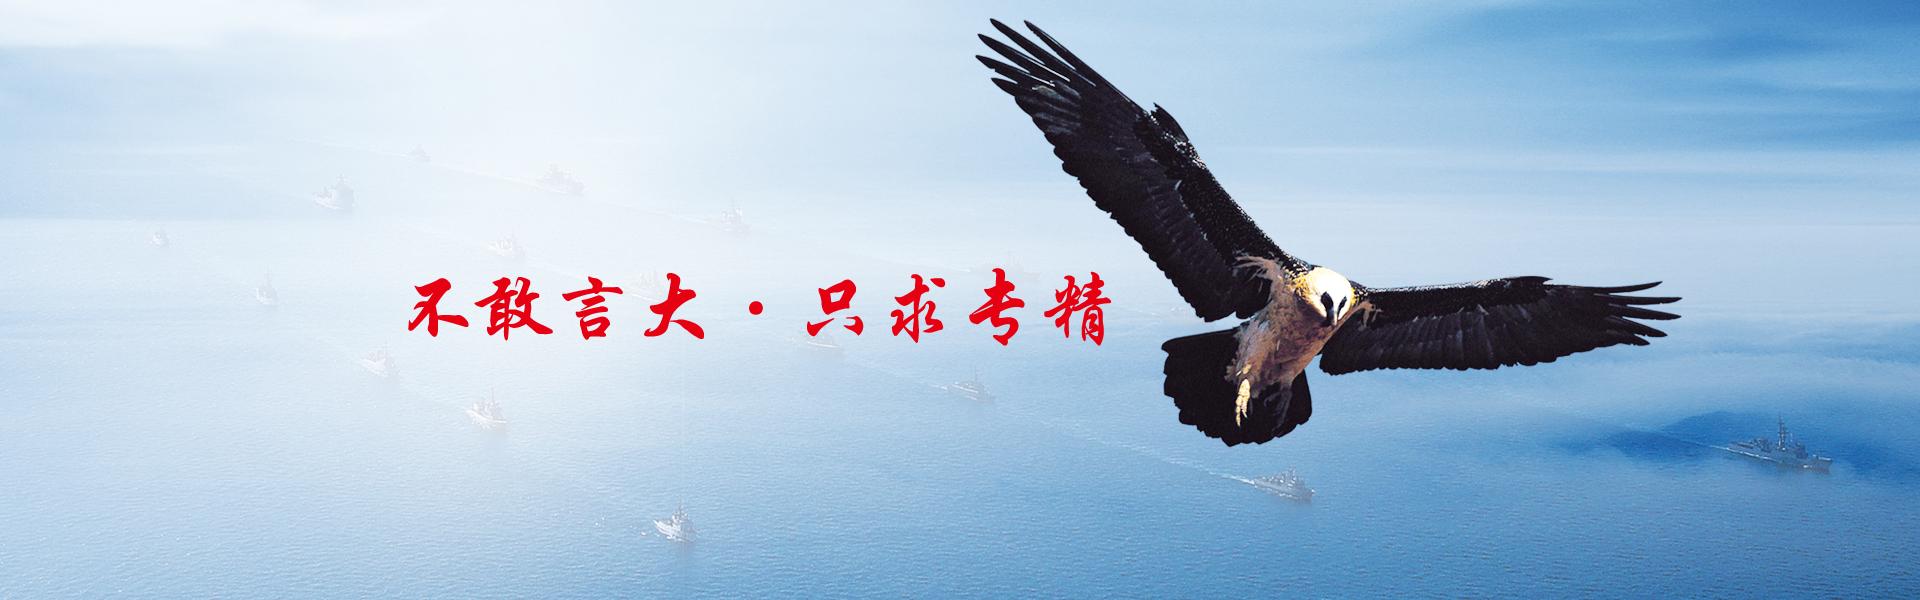 大兴彩票创建于1991年1月,公司位于广东省肇庆市端州区信安大道沙湖工业区,厂房面积约2万平方米,年生产电机1500万台。